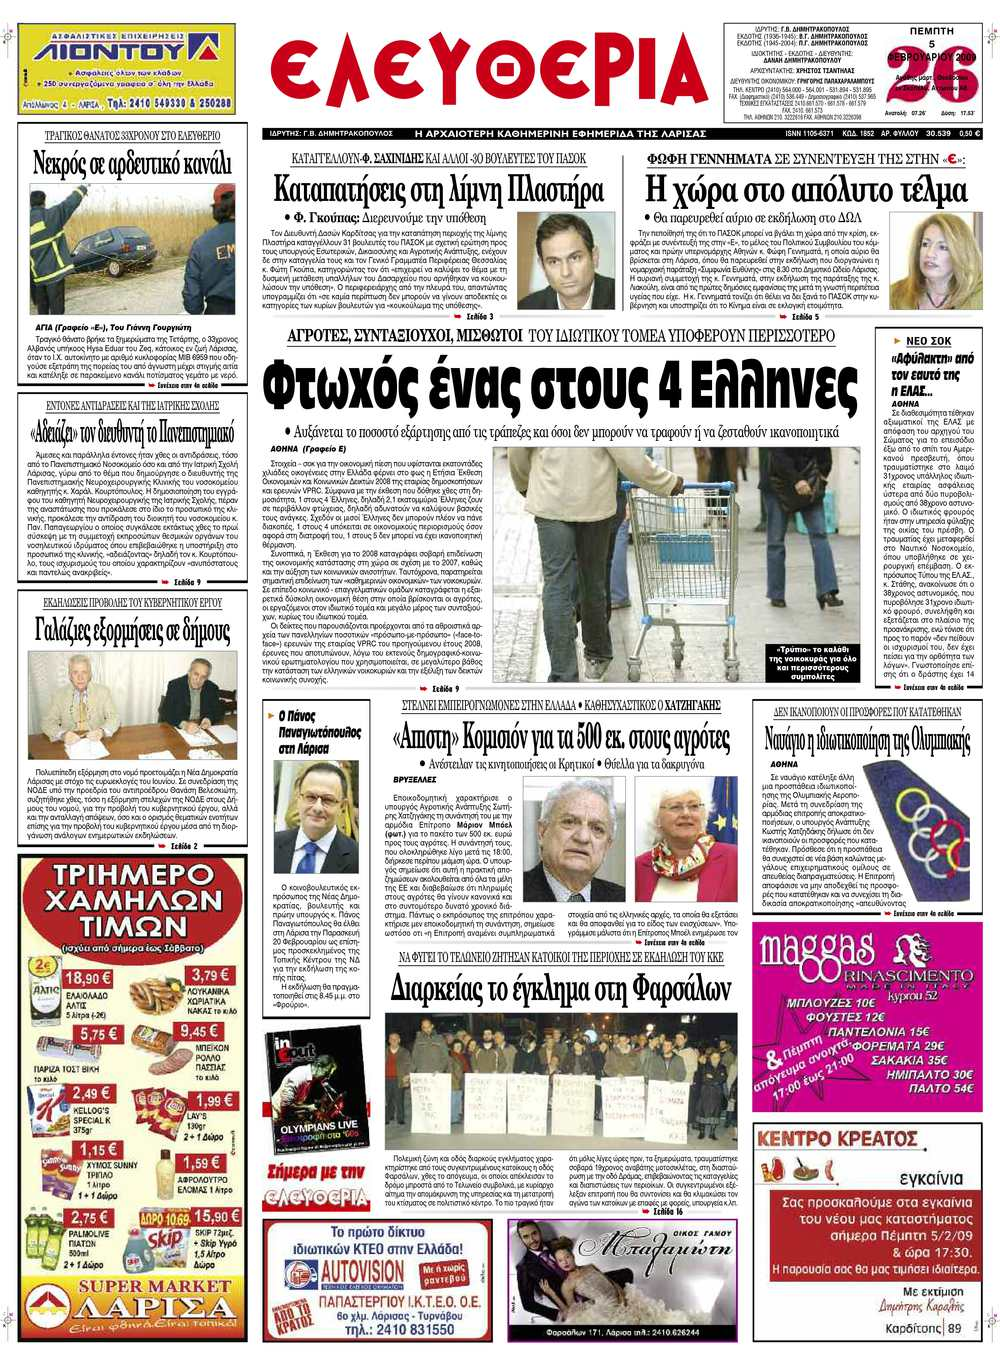 985e62690f4 Calaméo - Eleftheria.gr_5/2/2009